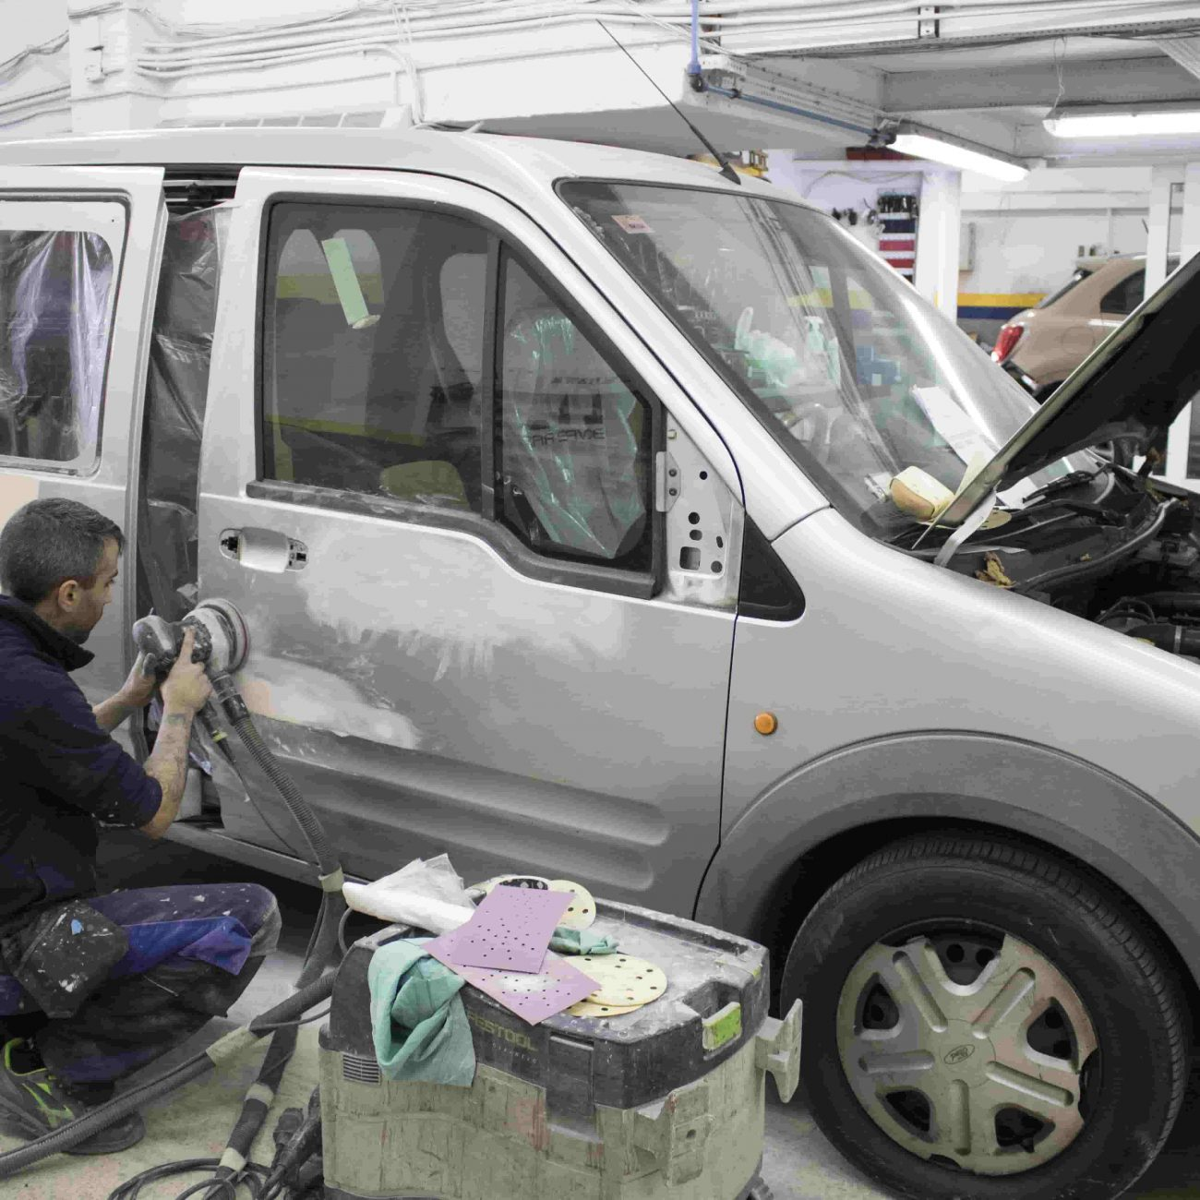 Carrocerias San Ignacio, reparación integral de vehículos